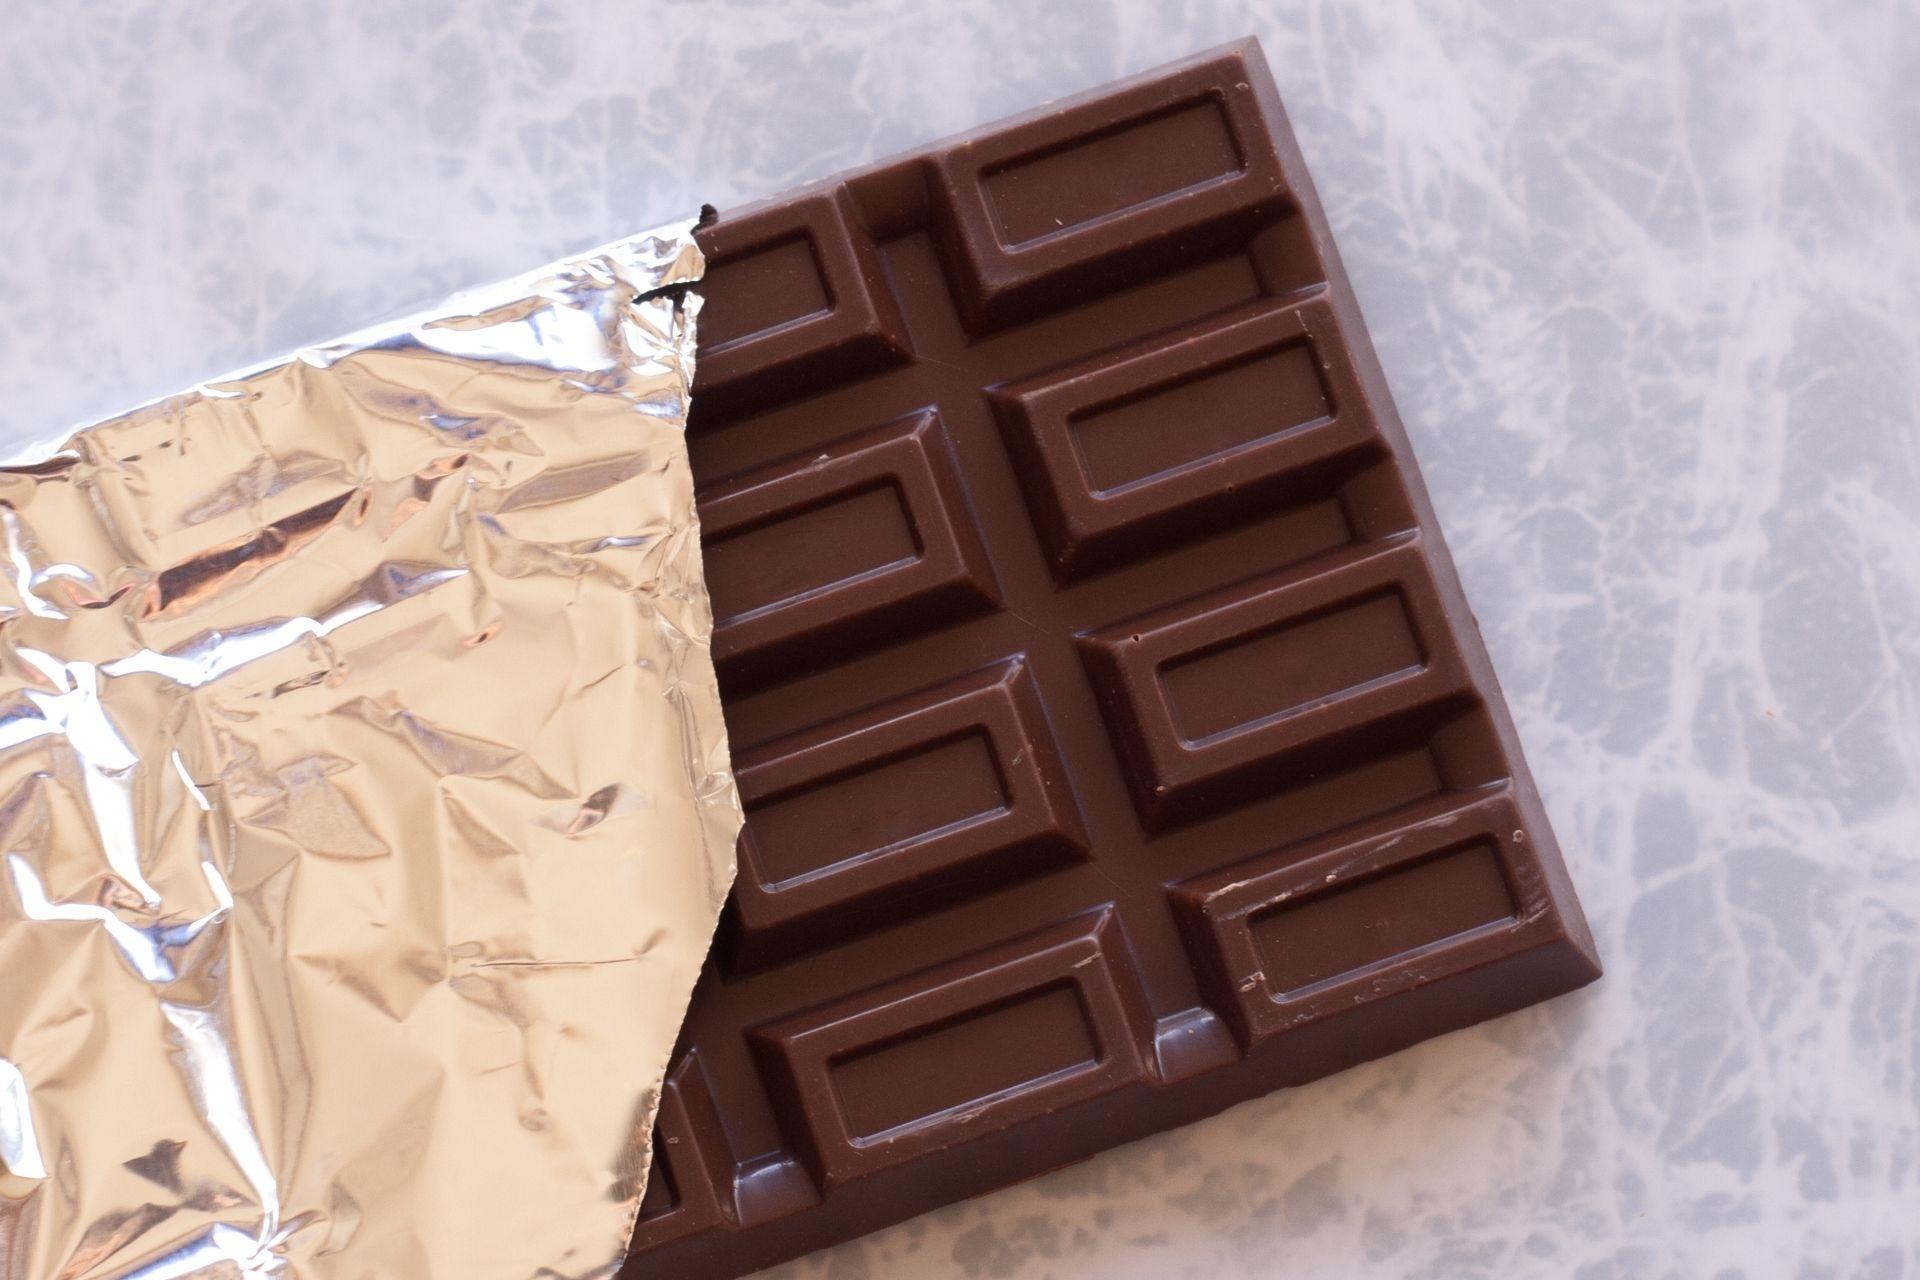 チョコレートメーカー3社の決算書分析「モロゾフ、不二家、寿スピリッツ」